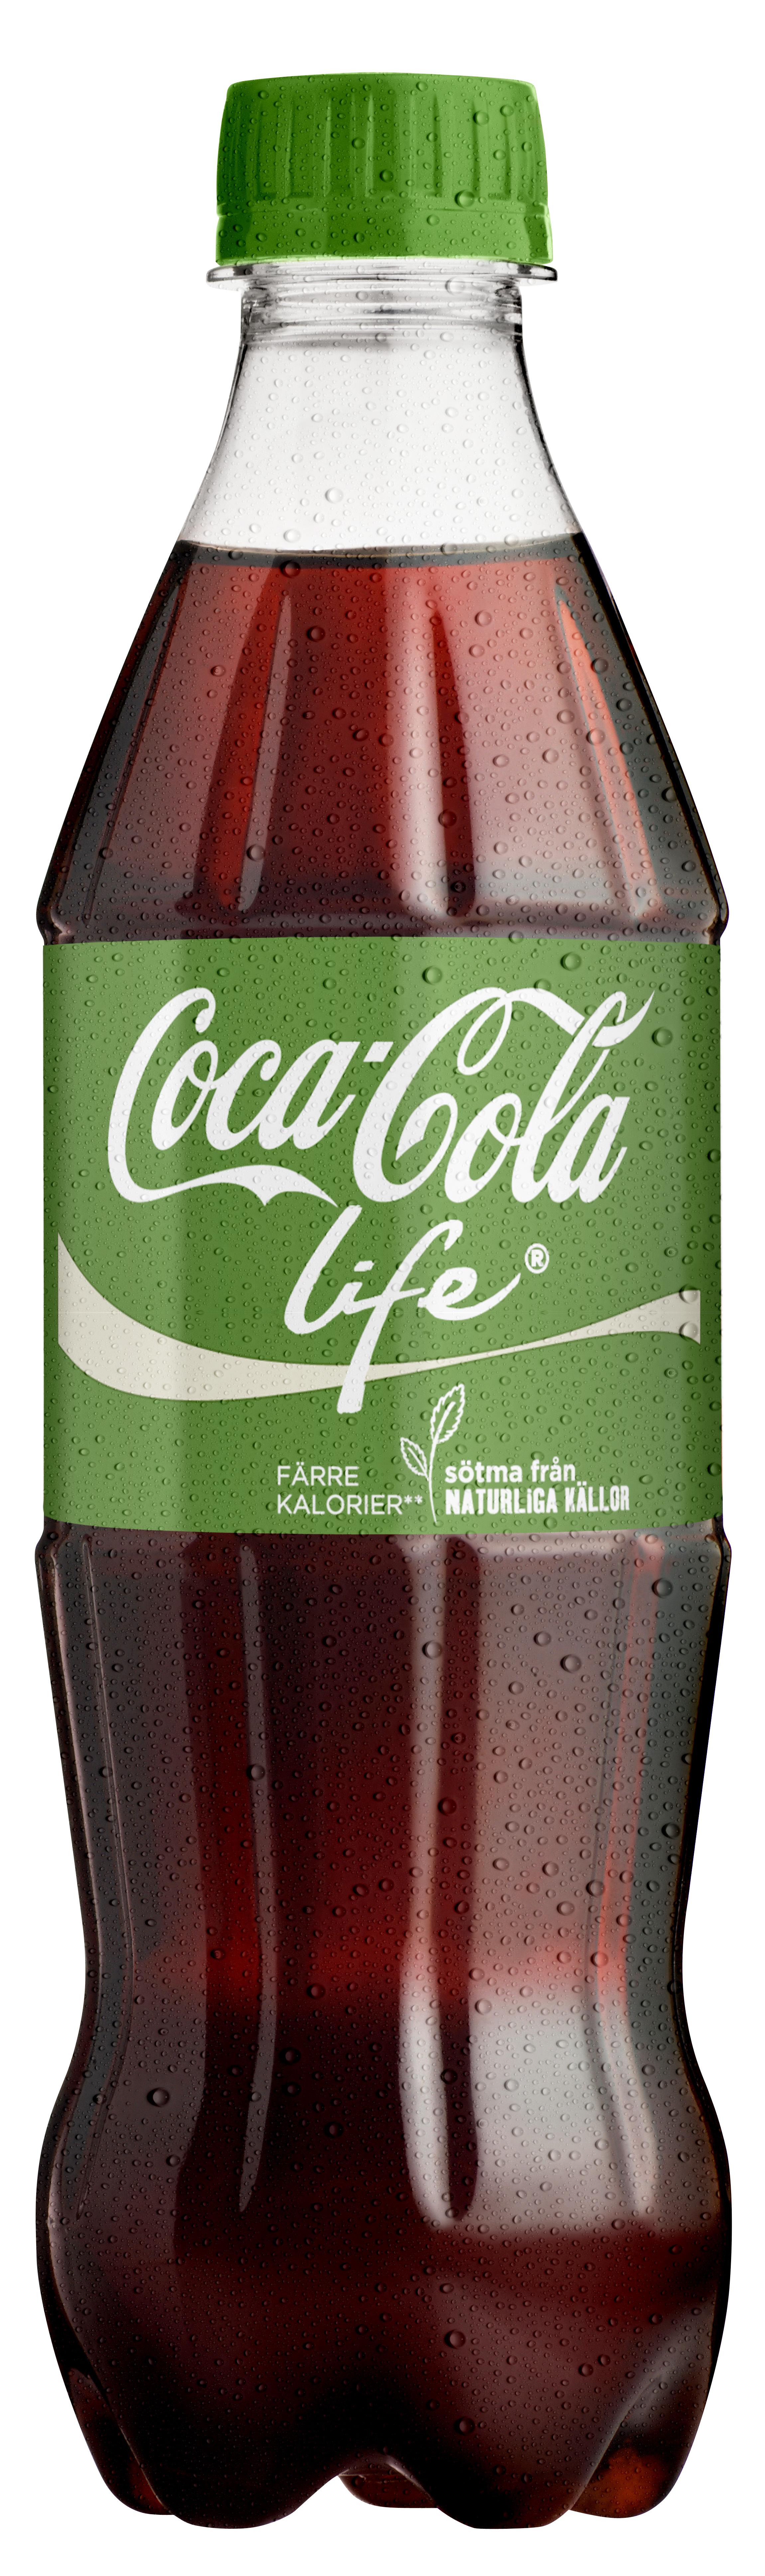 Coca Cola Life Nutrition Coca-cola Life 0.5 Liter.jpg